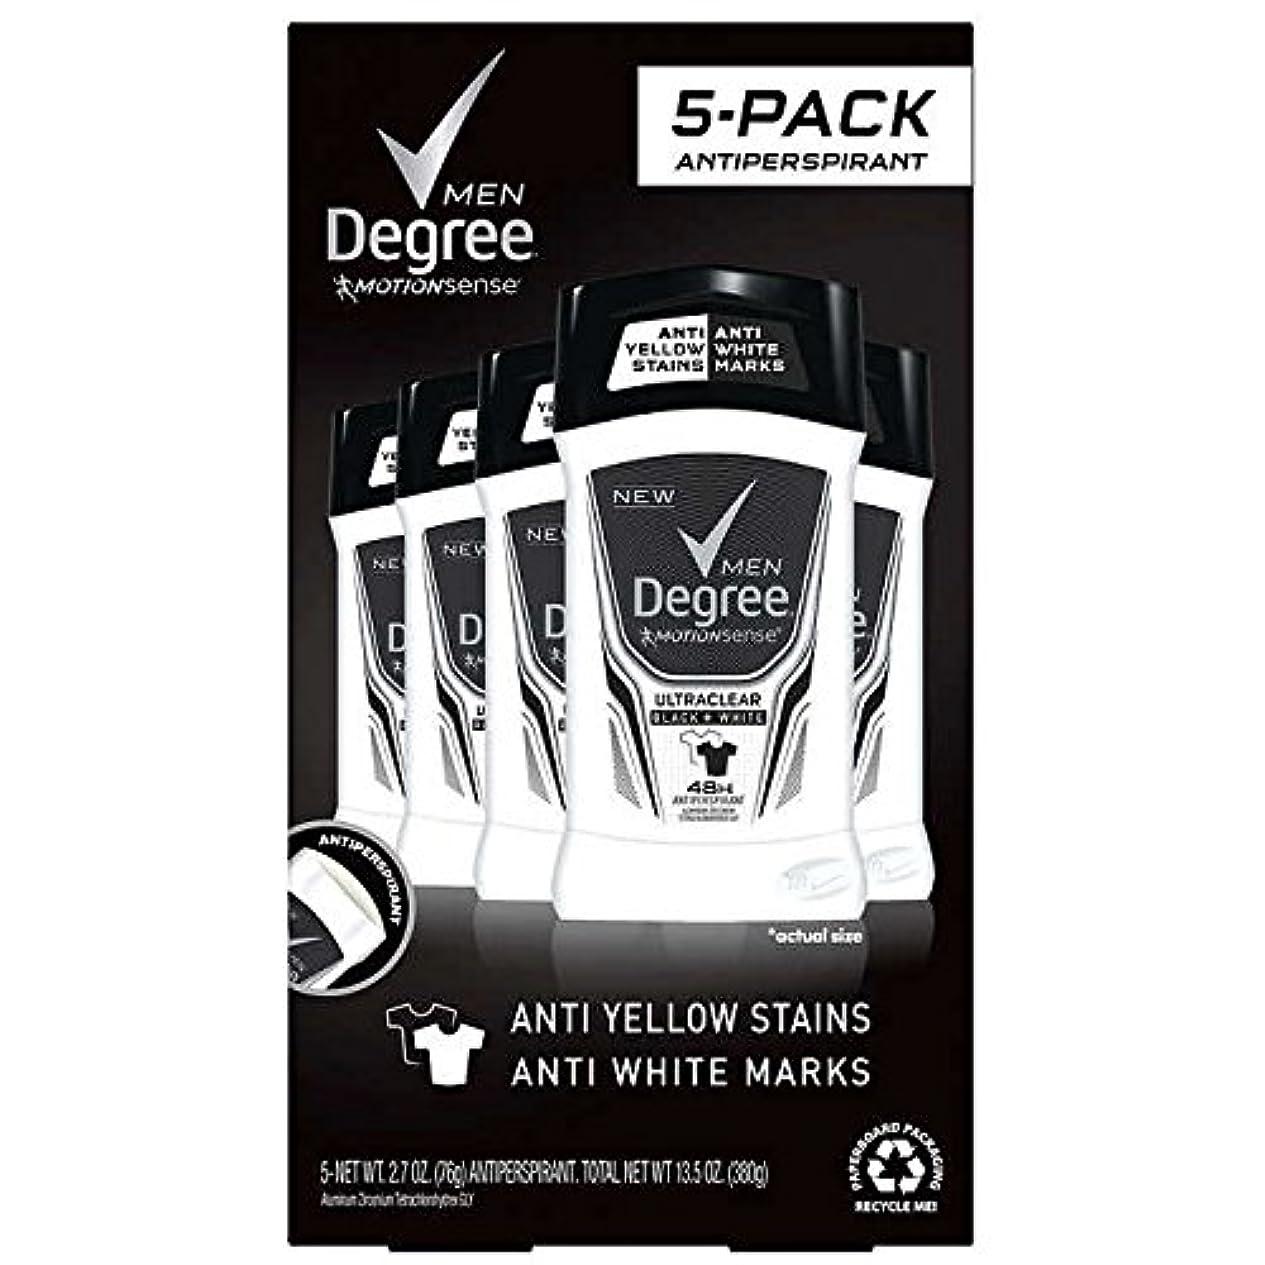 基本的な関連するアリーナDegree Men Ultra Clear Black + White Solid Deodorant 2.7oz (76g), 5-pack [並行輸入品]